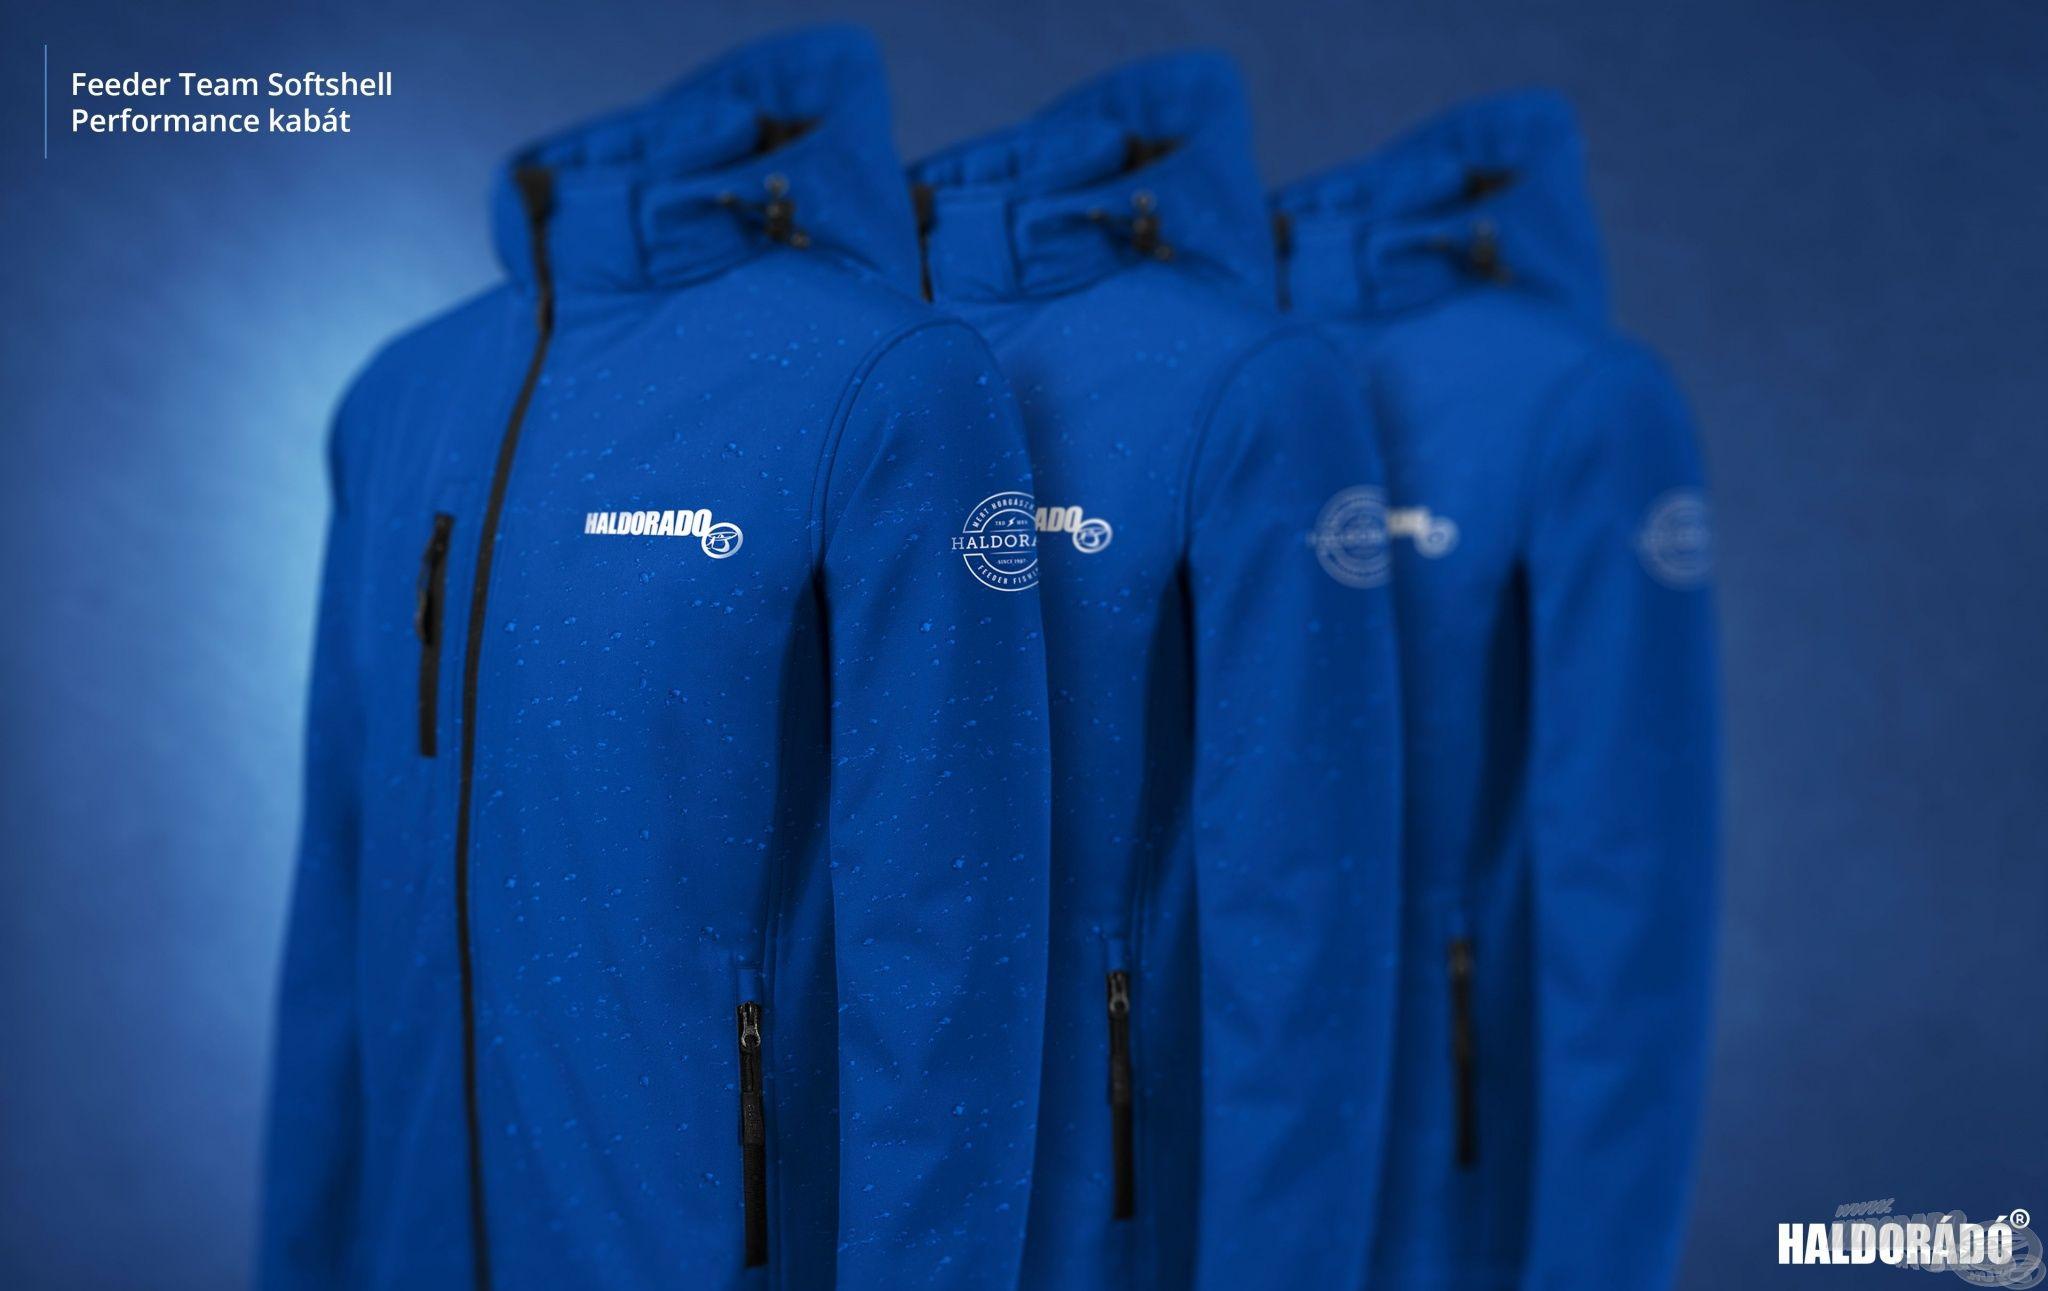 Íme, az új HALDORÁDÓ Feeder Team Softshell Performance kabát-kollekció!